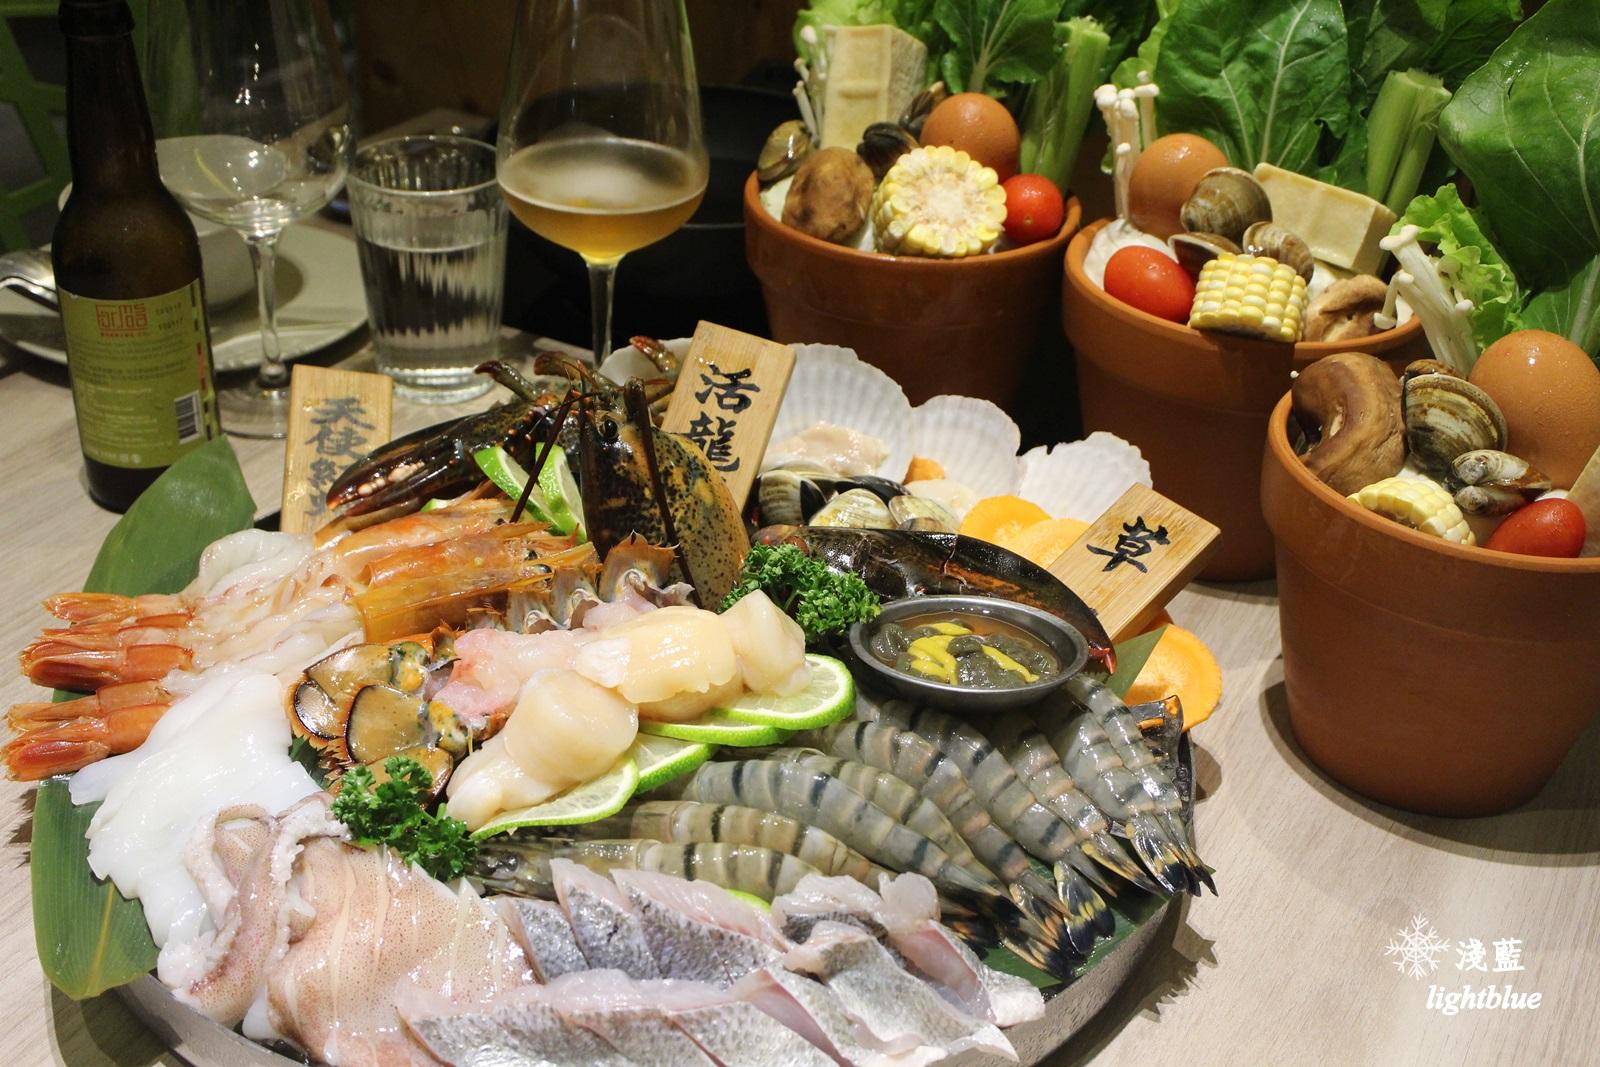 IMG_6015.JPG - 農場餐桌